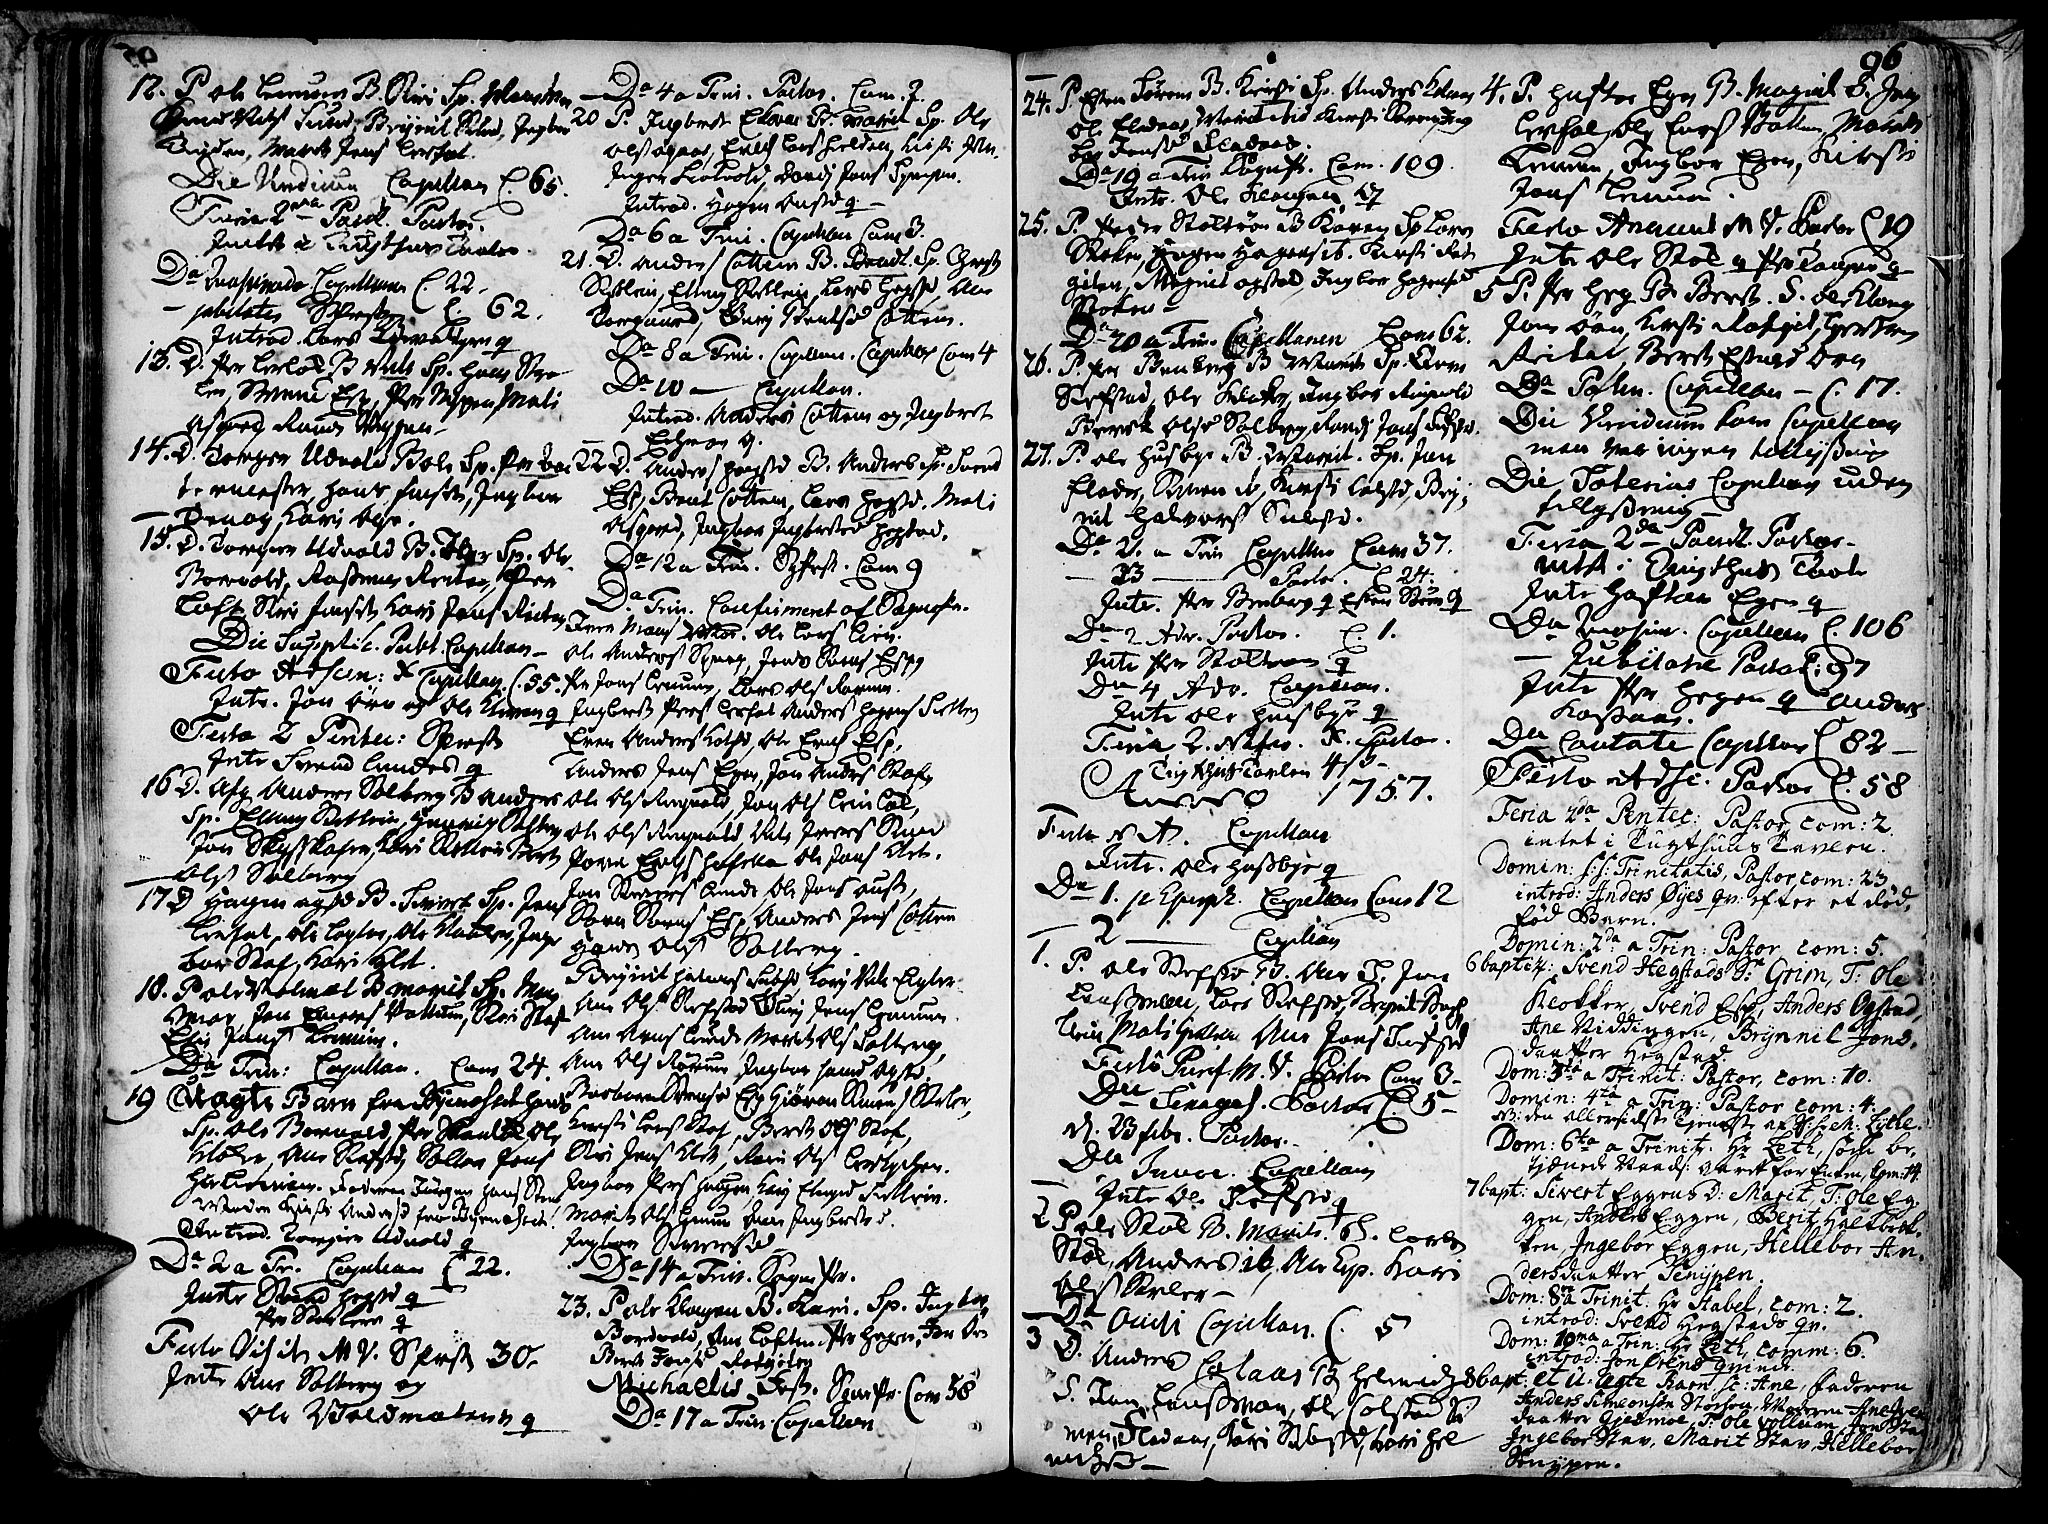 SAT, Ministerialprotokoller, klokkerbøker og fødselsregistre - Sør-Trøndelag, 691/L1059: Ministerialbok nr. 691A01 /3, 1740-1767, s. 96